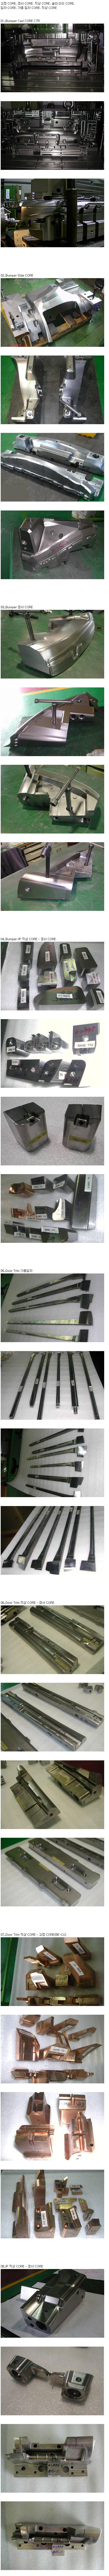 (주)삼화엔터코 Core 부품